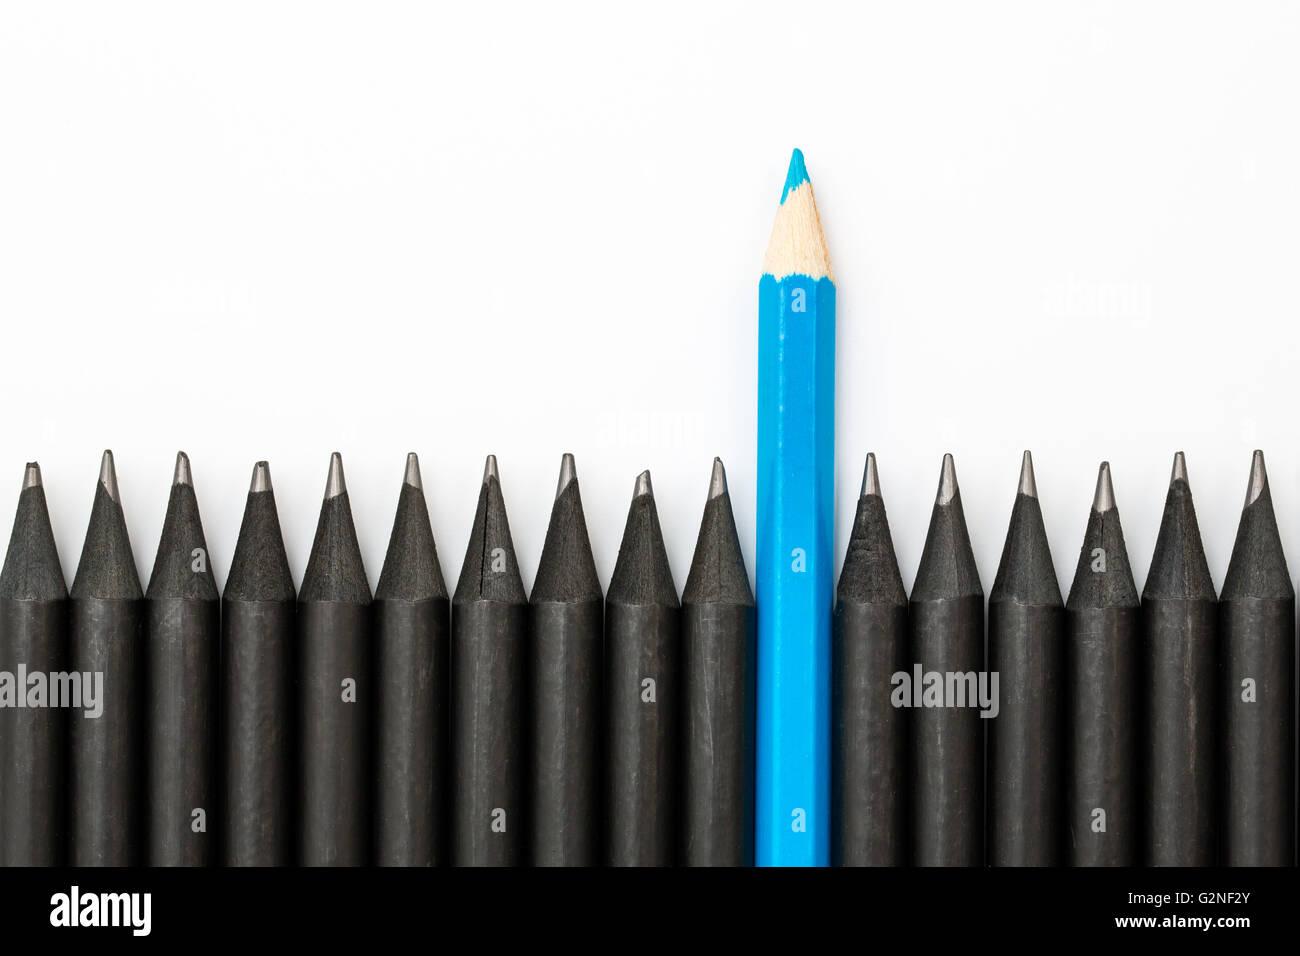 Matita blu in piedi fuori dalla fila di matite di colore nero. Immagini Stock